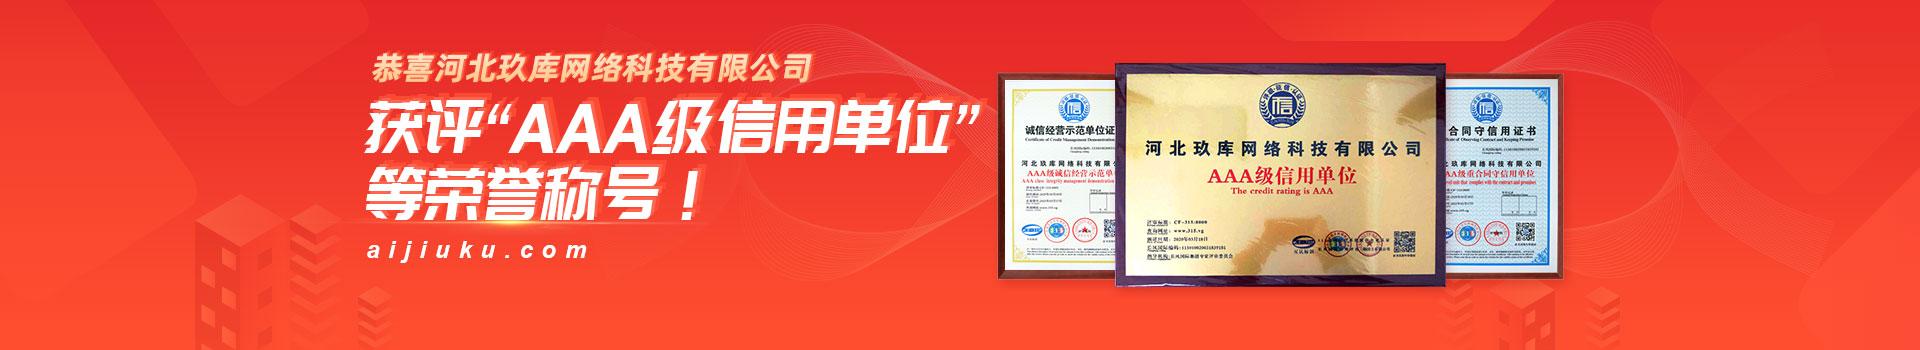 河北玖库网络科技有限公司